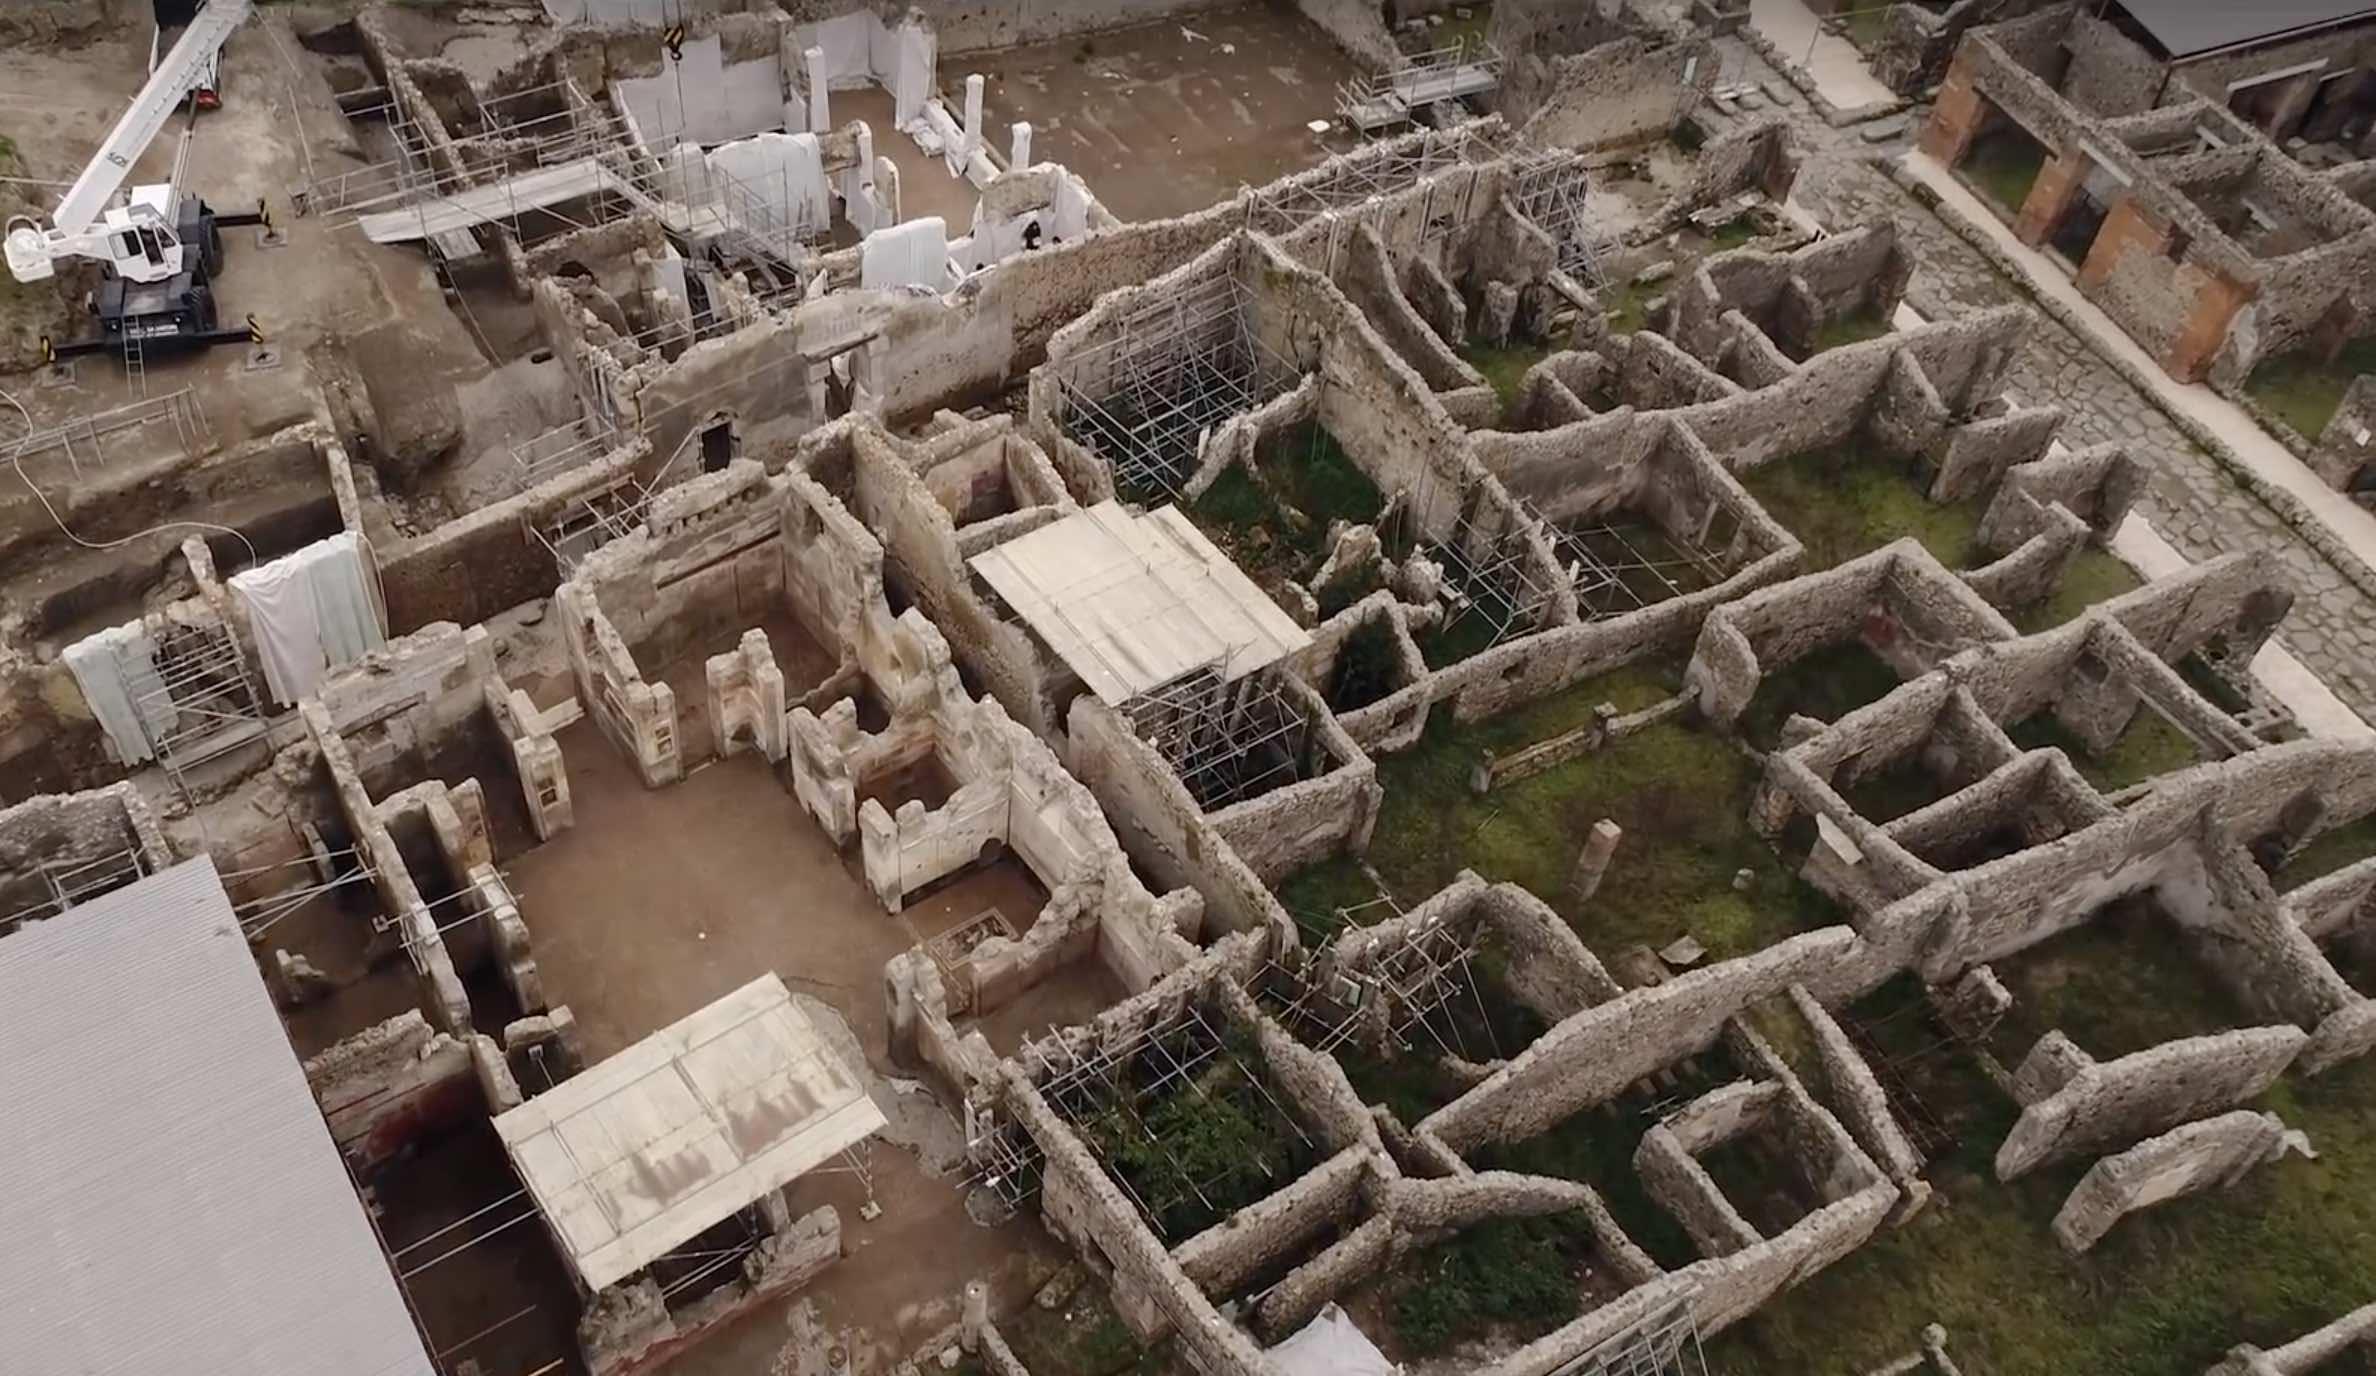 Nuovi scavi di Pompei: il tour virtuale accompagnato dal direttore Massimo Osanna